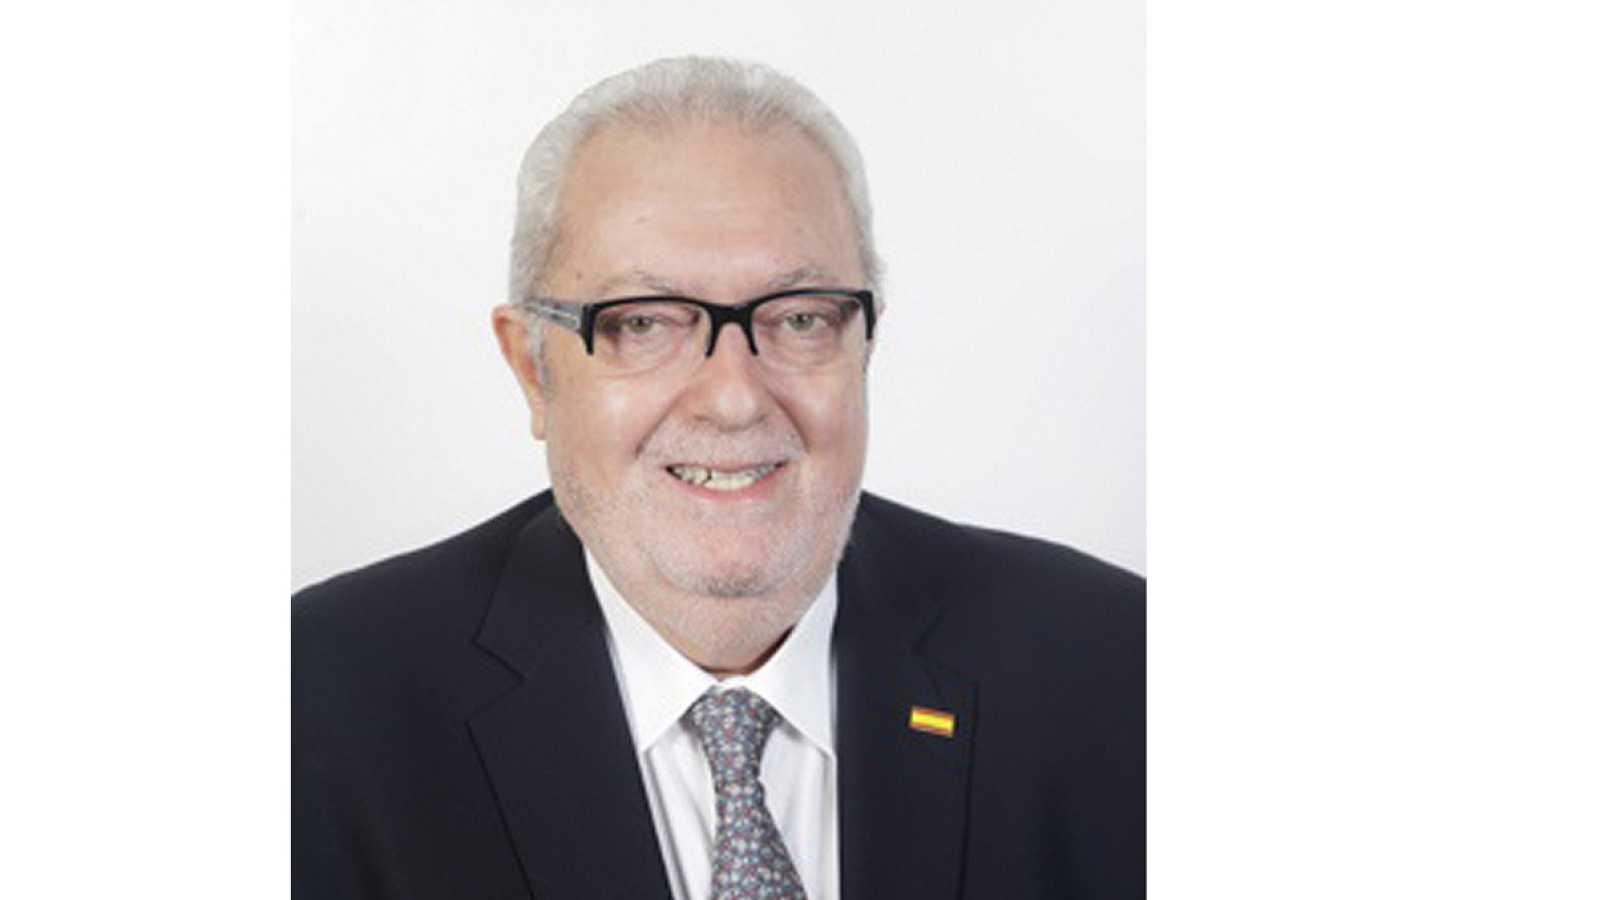 """El Consejo de Europa analiza """"fuertes sospechas"""" de corrupción en el senador del PP Pedro Agramunt"""